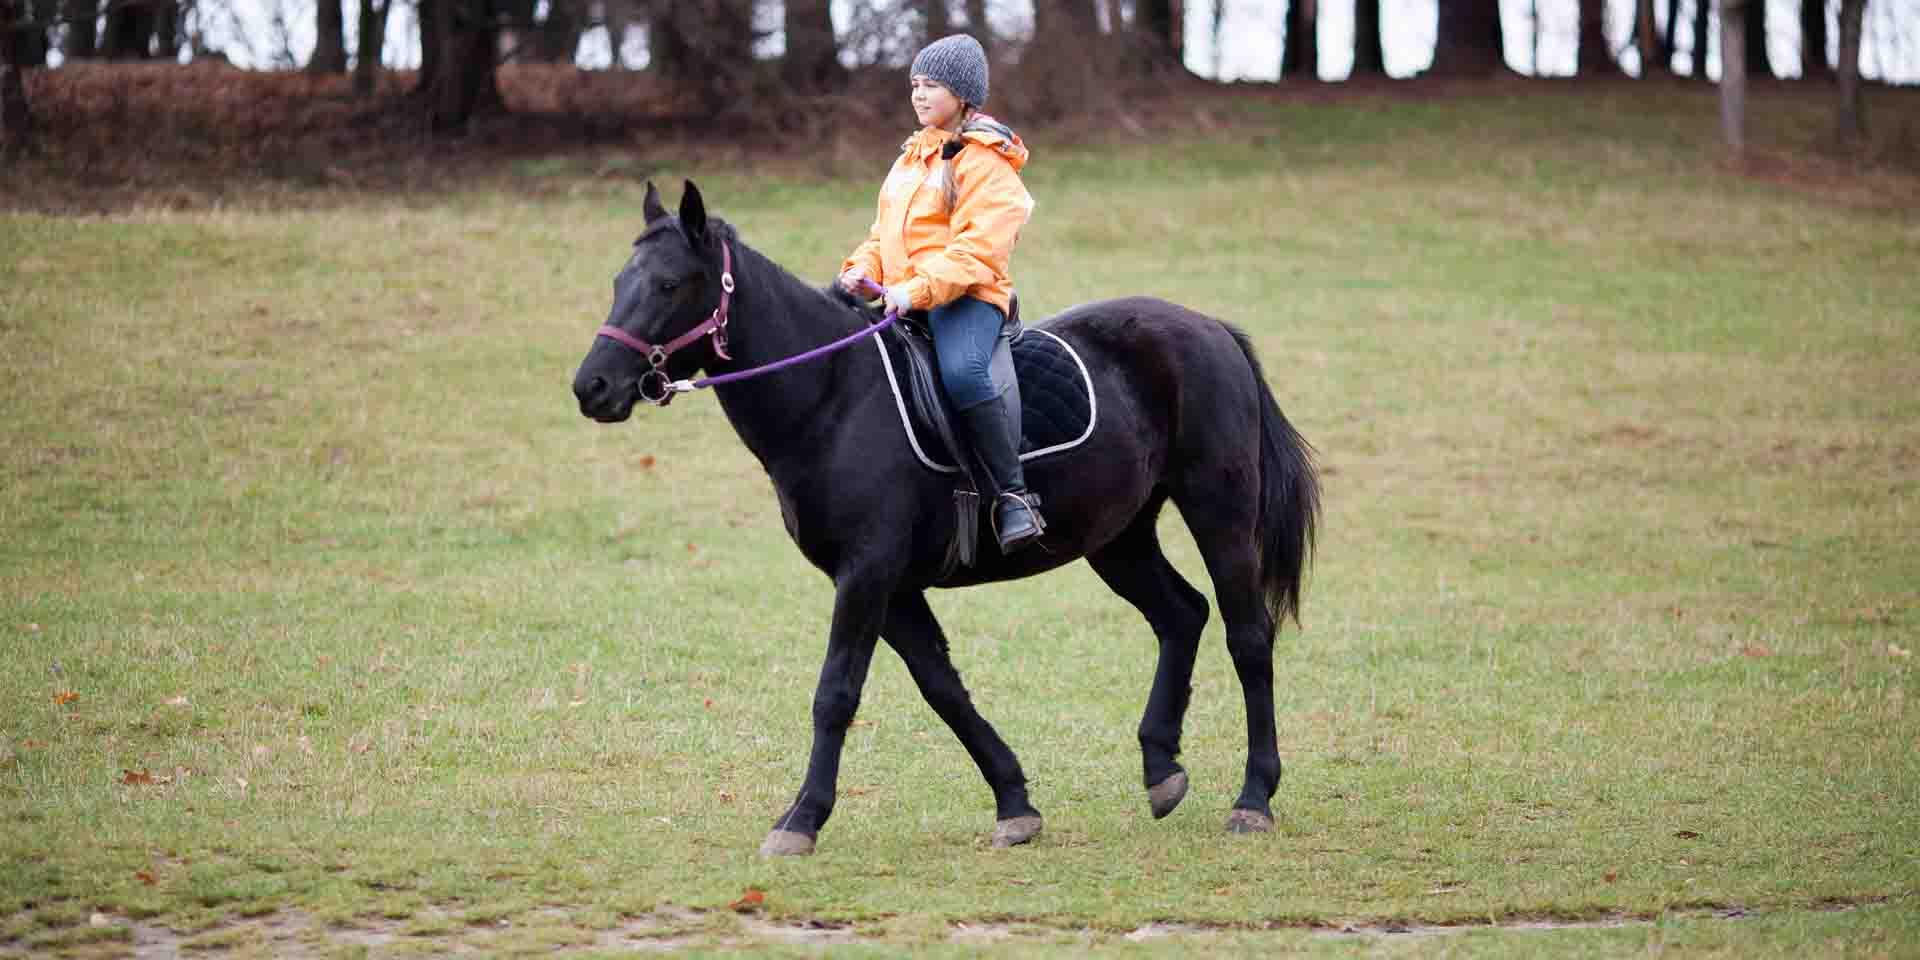 Girl riding a horse.